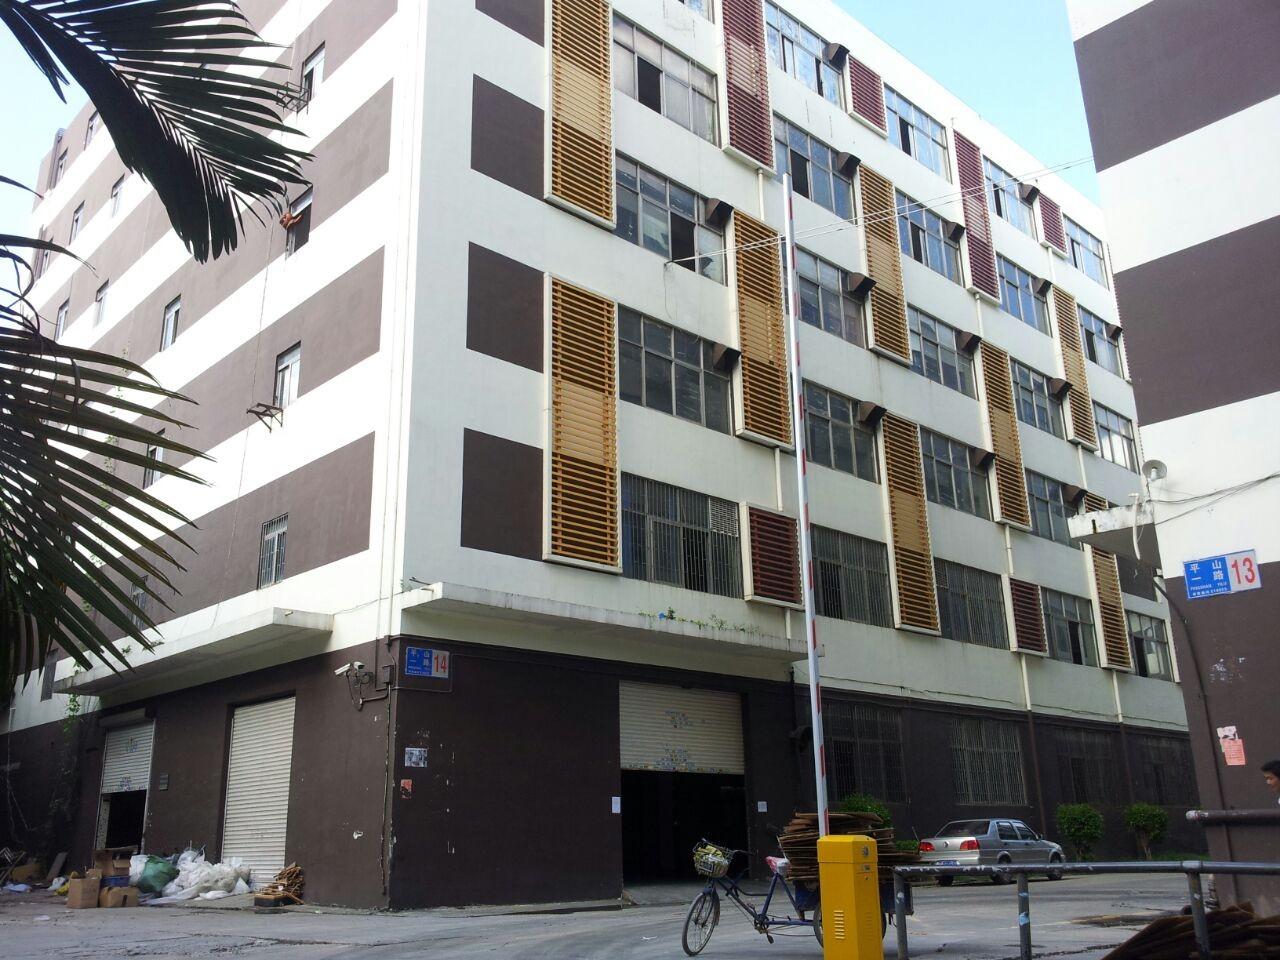 交通便利,招工方便,厂房总面积11250平方米,共六层,单层面积1875平方